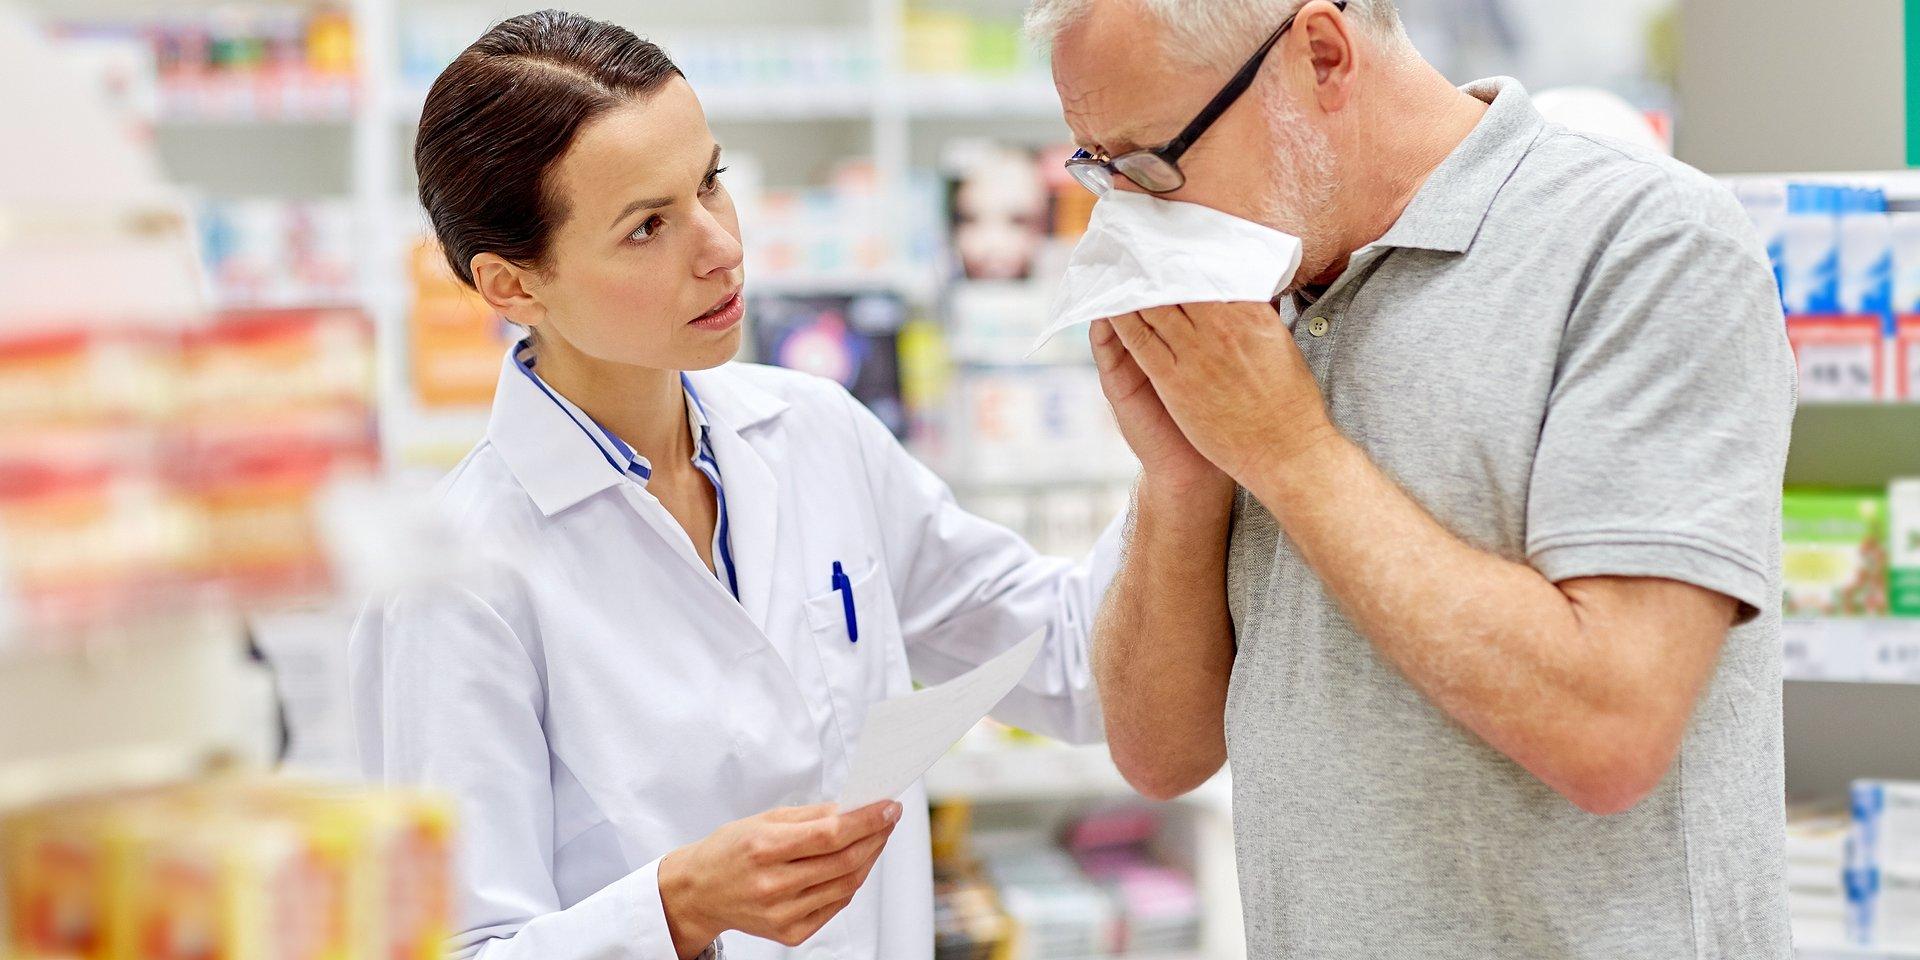 Aptekarze zaczęli wyręczać lekarzy? Medycy oburzeni publikacjami w mediach